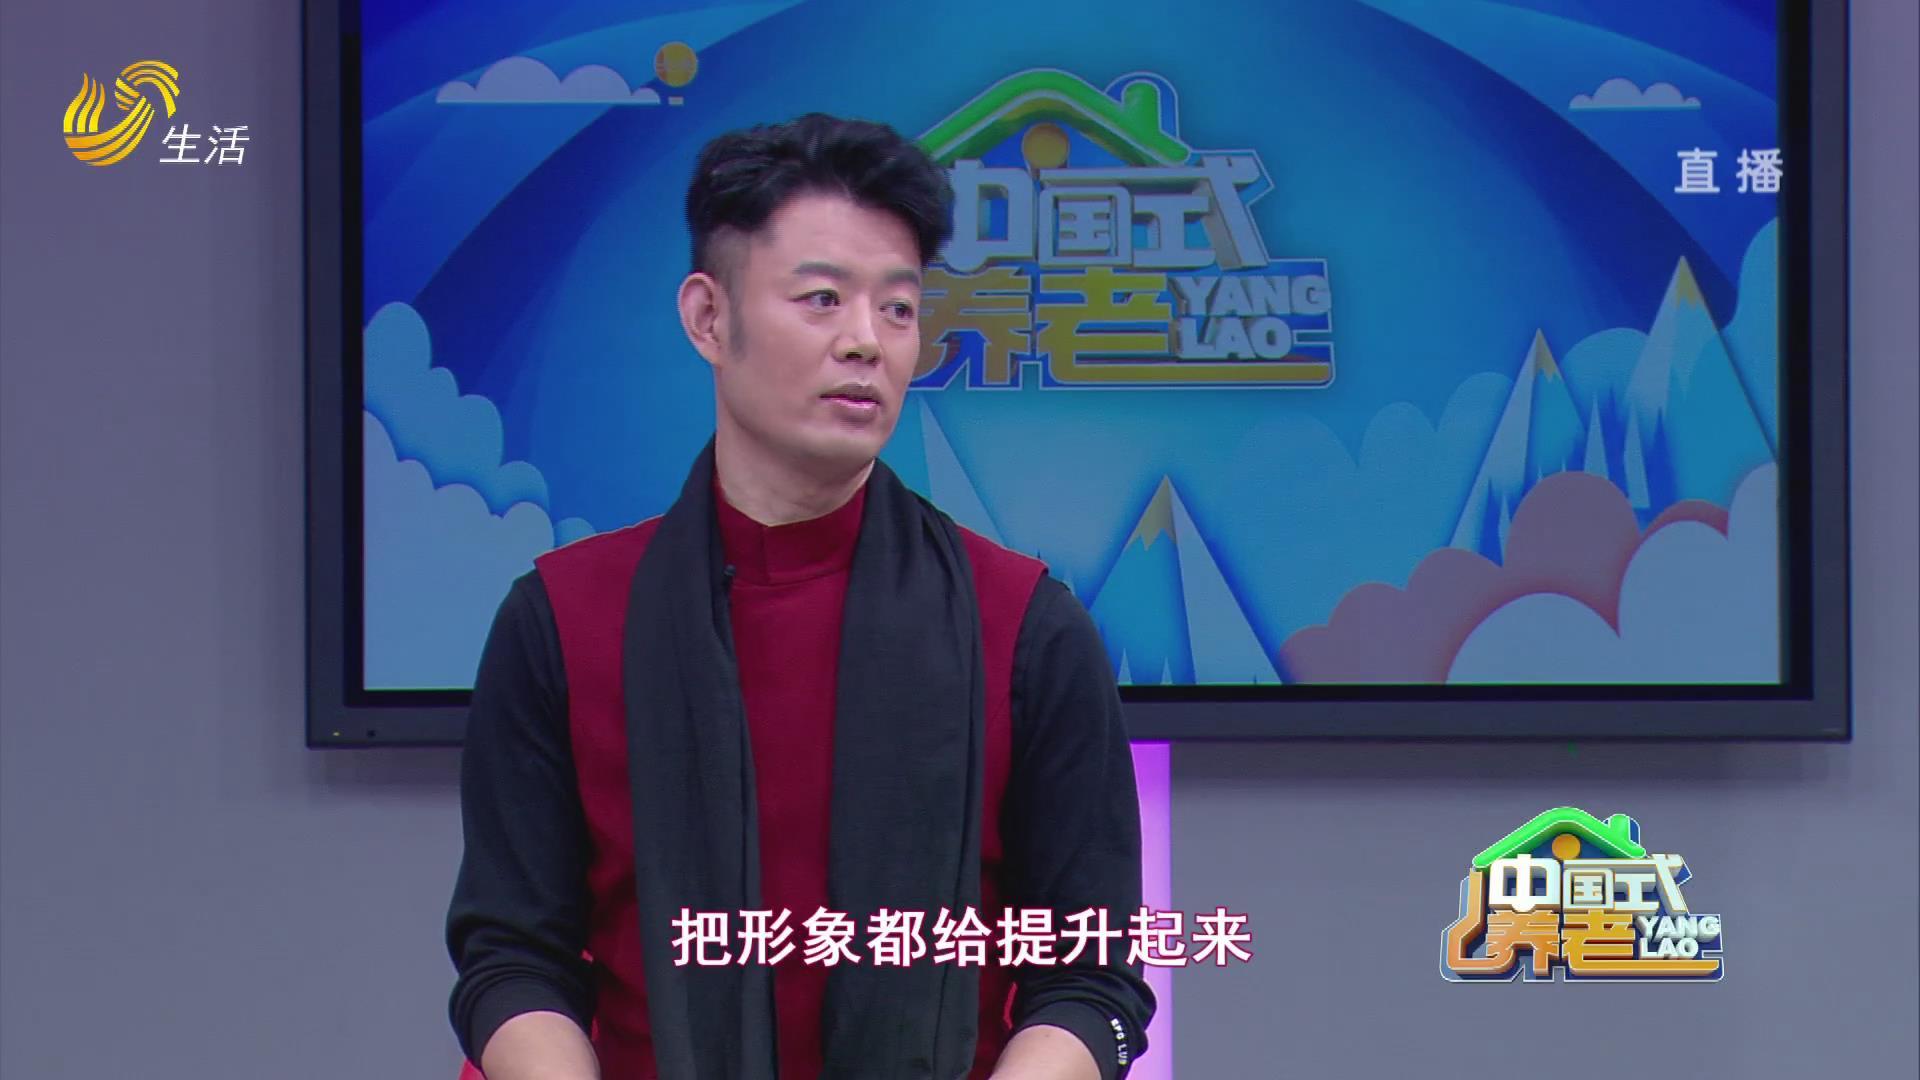 中国式养老-《中国式养老》有史以来最高的团长